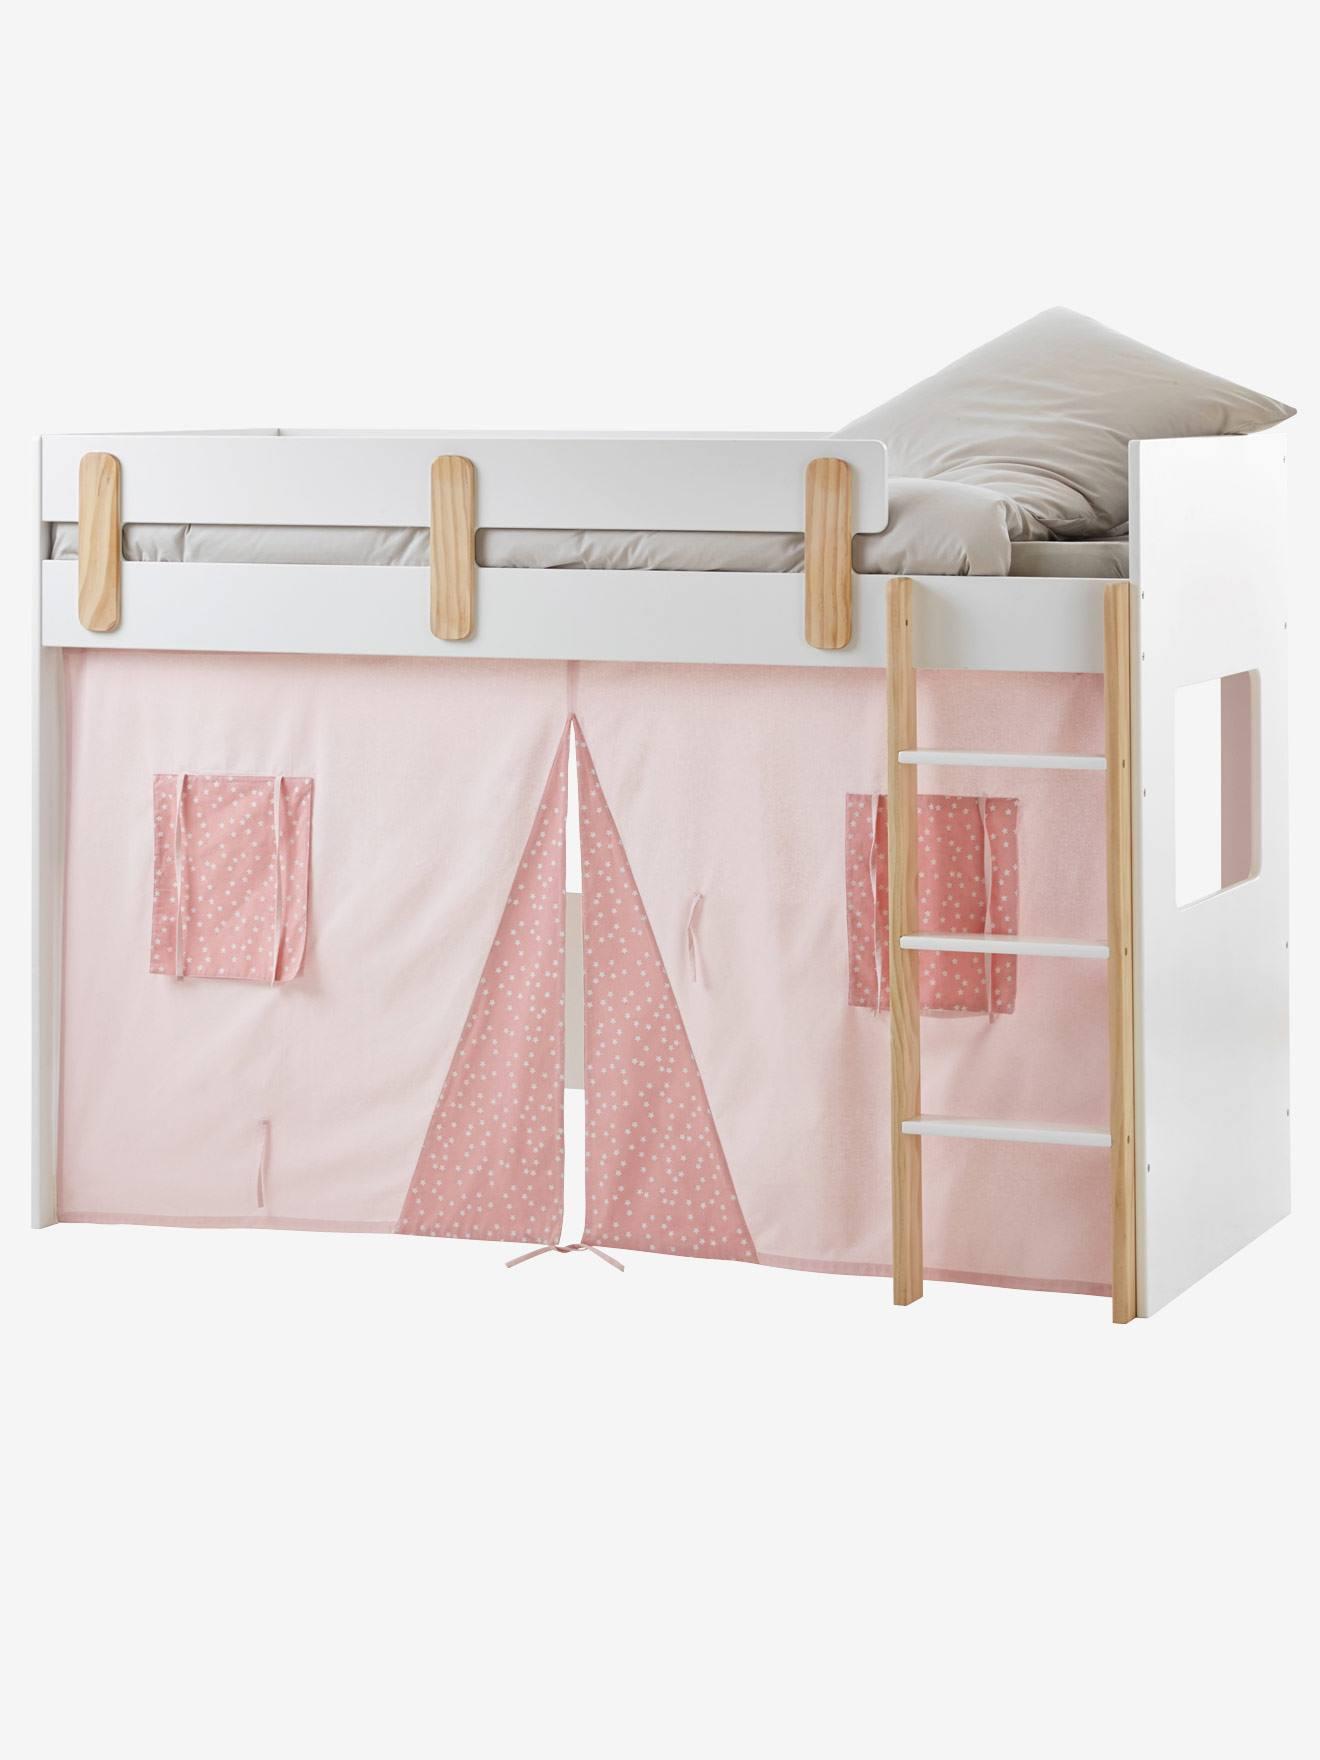 tour de lit vertbaudet meubles et linge de litlinge de lit bbtour de littour with tour de lit. Black Bedroom Furniture Sets. Home Design Ideas